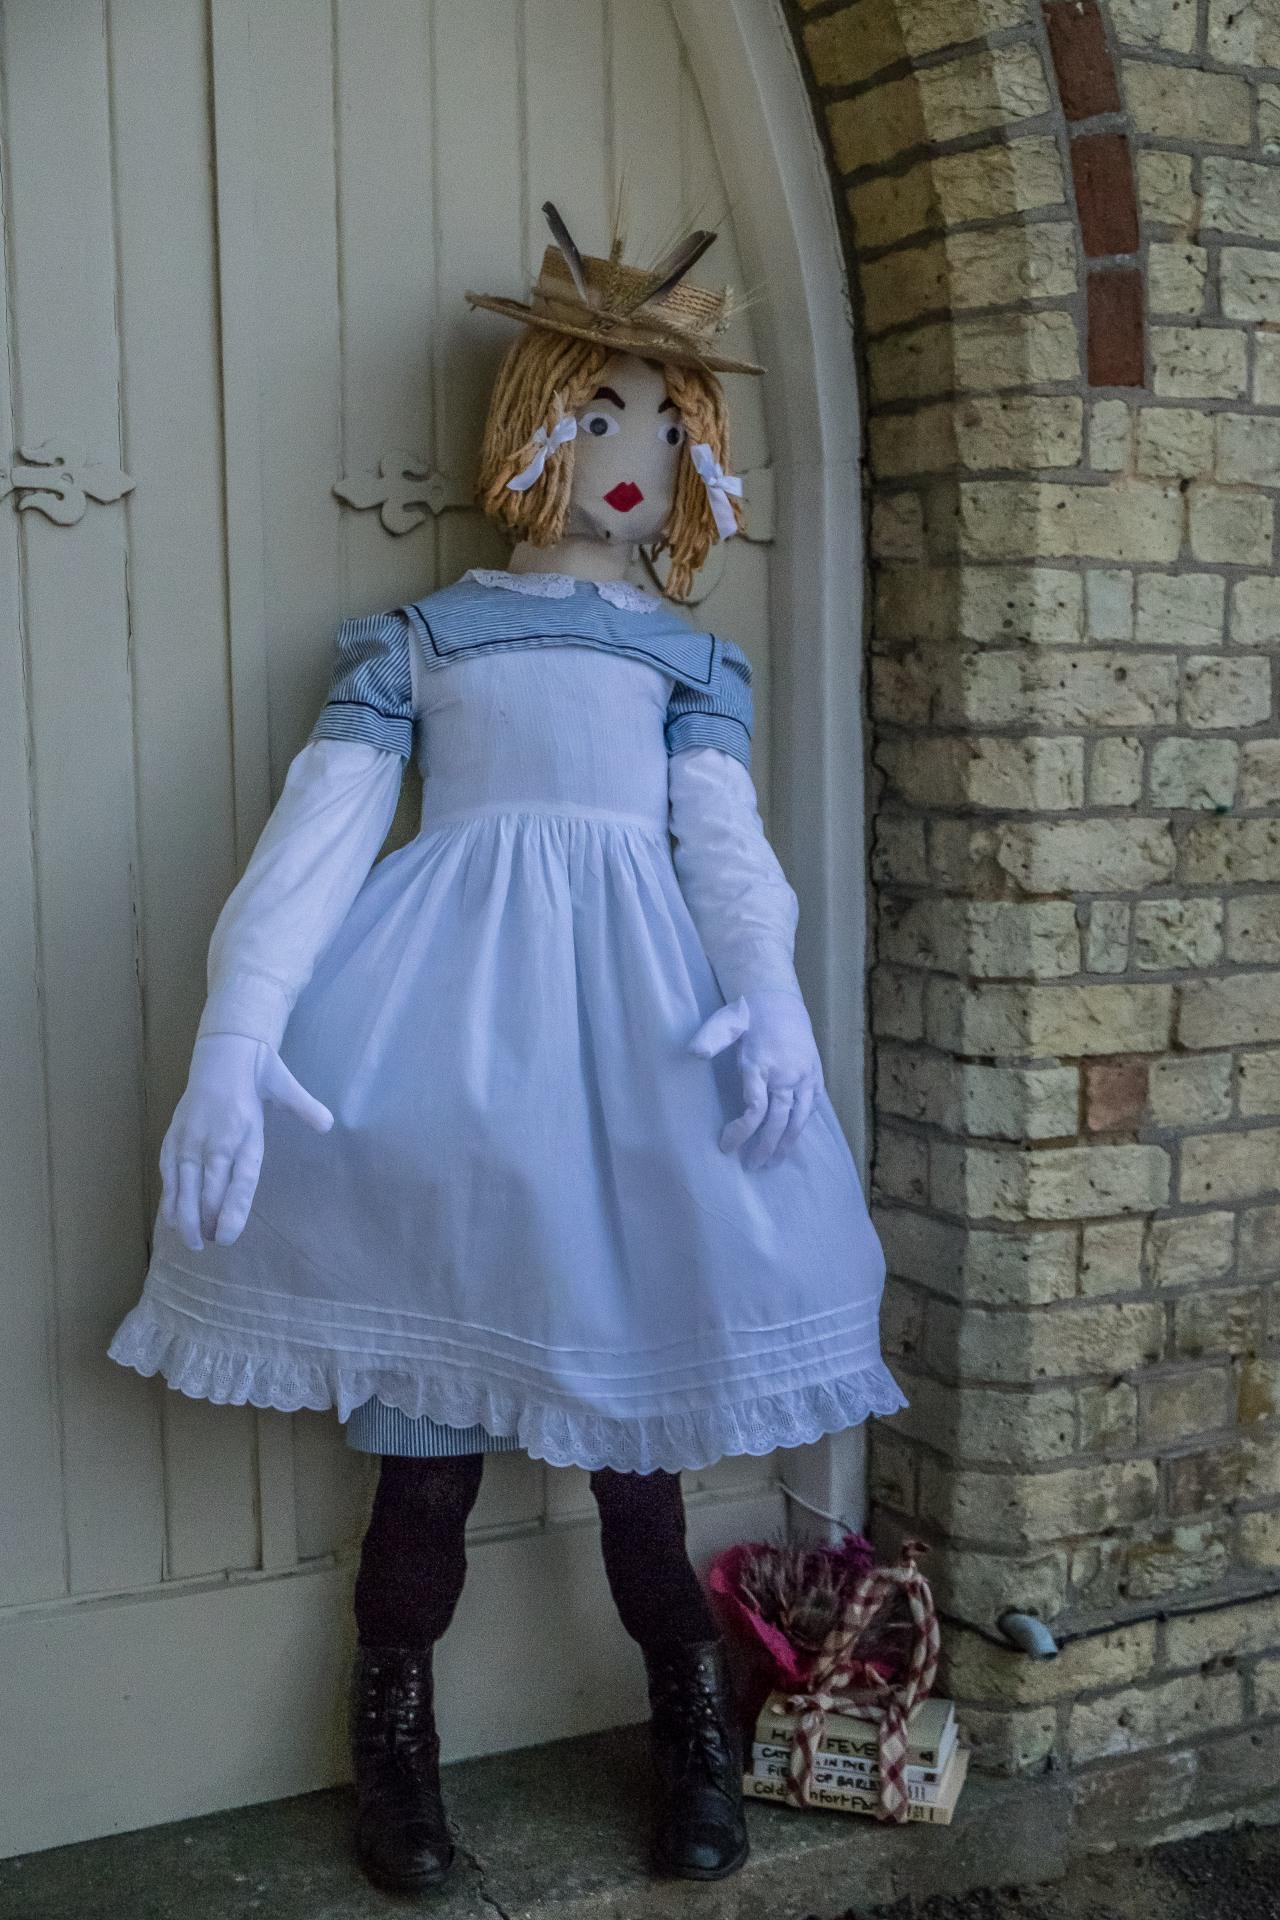 Old School Girl by Ann Meacher